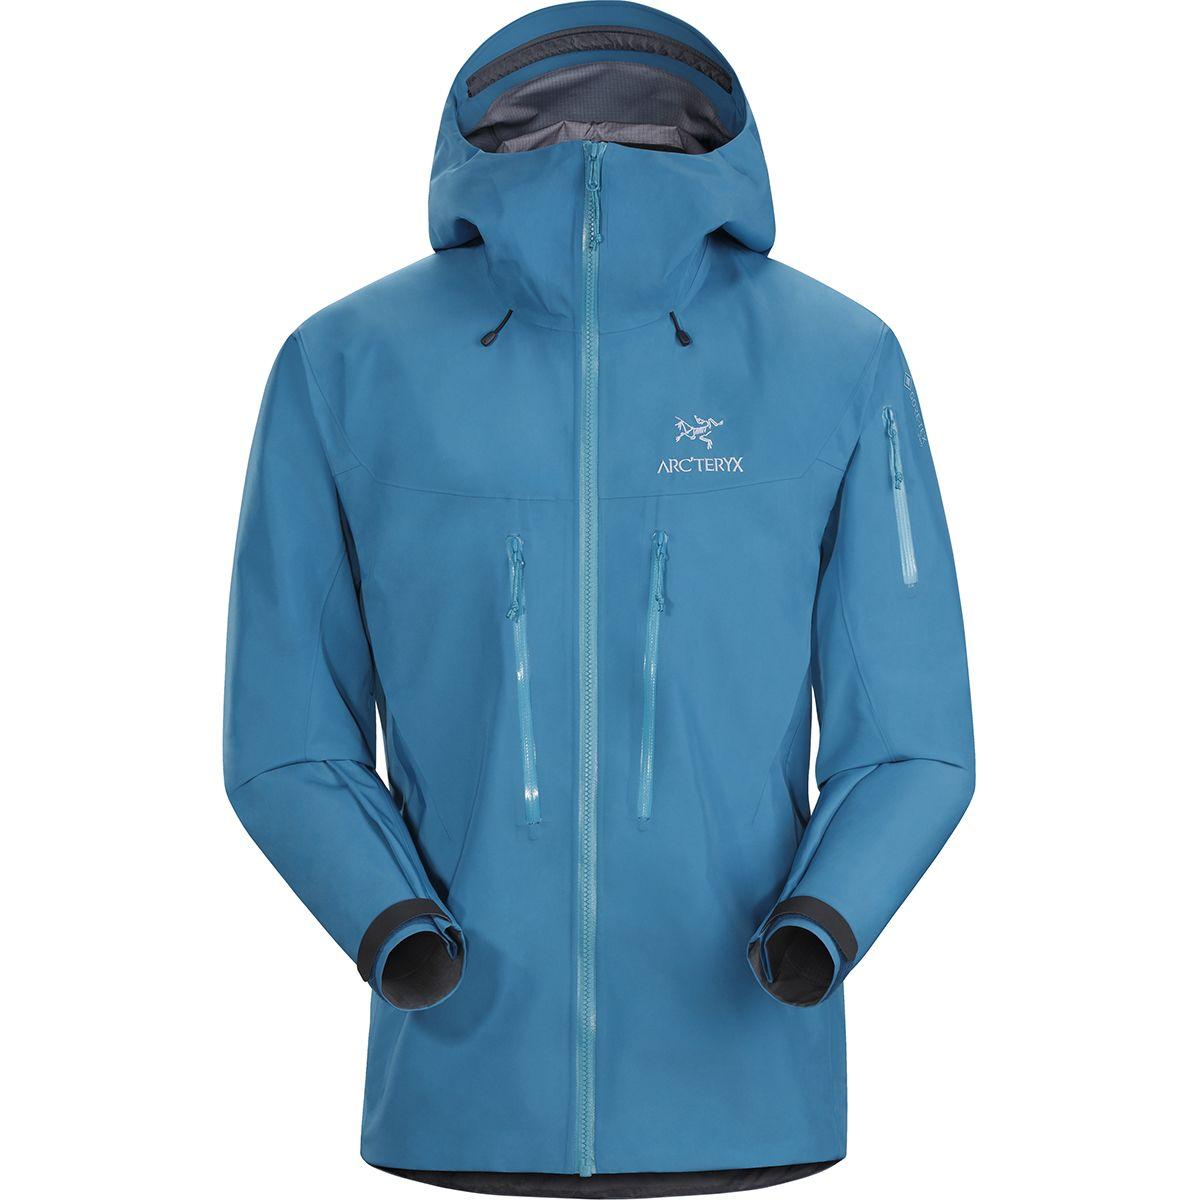 Arc'teryx Alpha SV Jacket